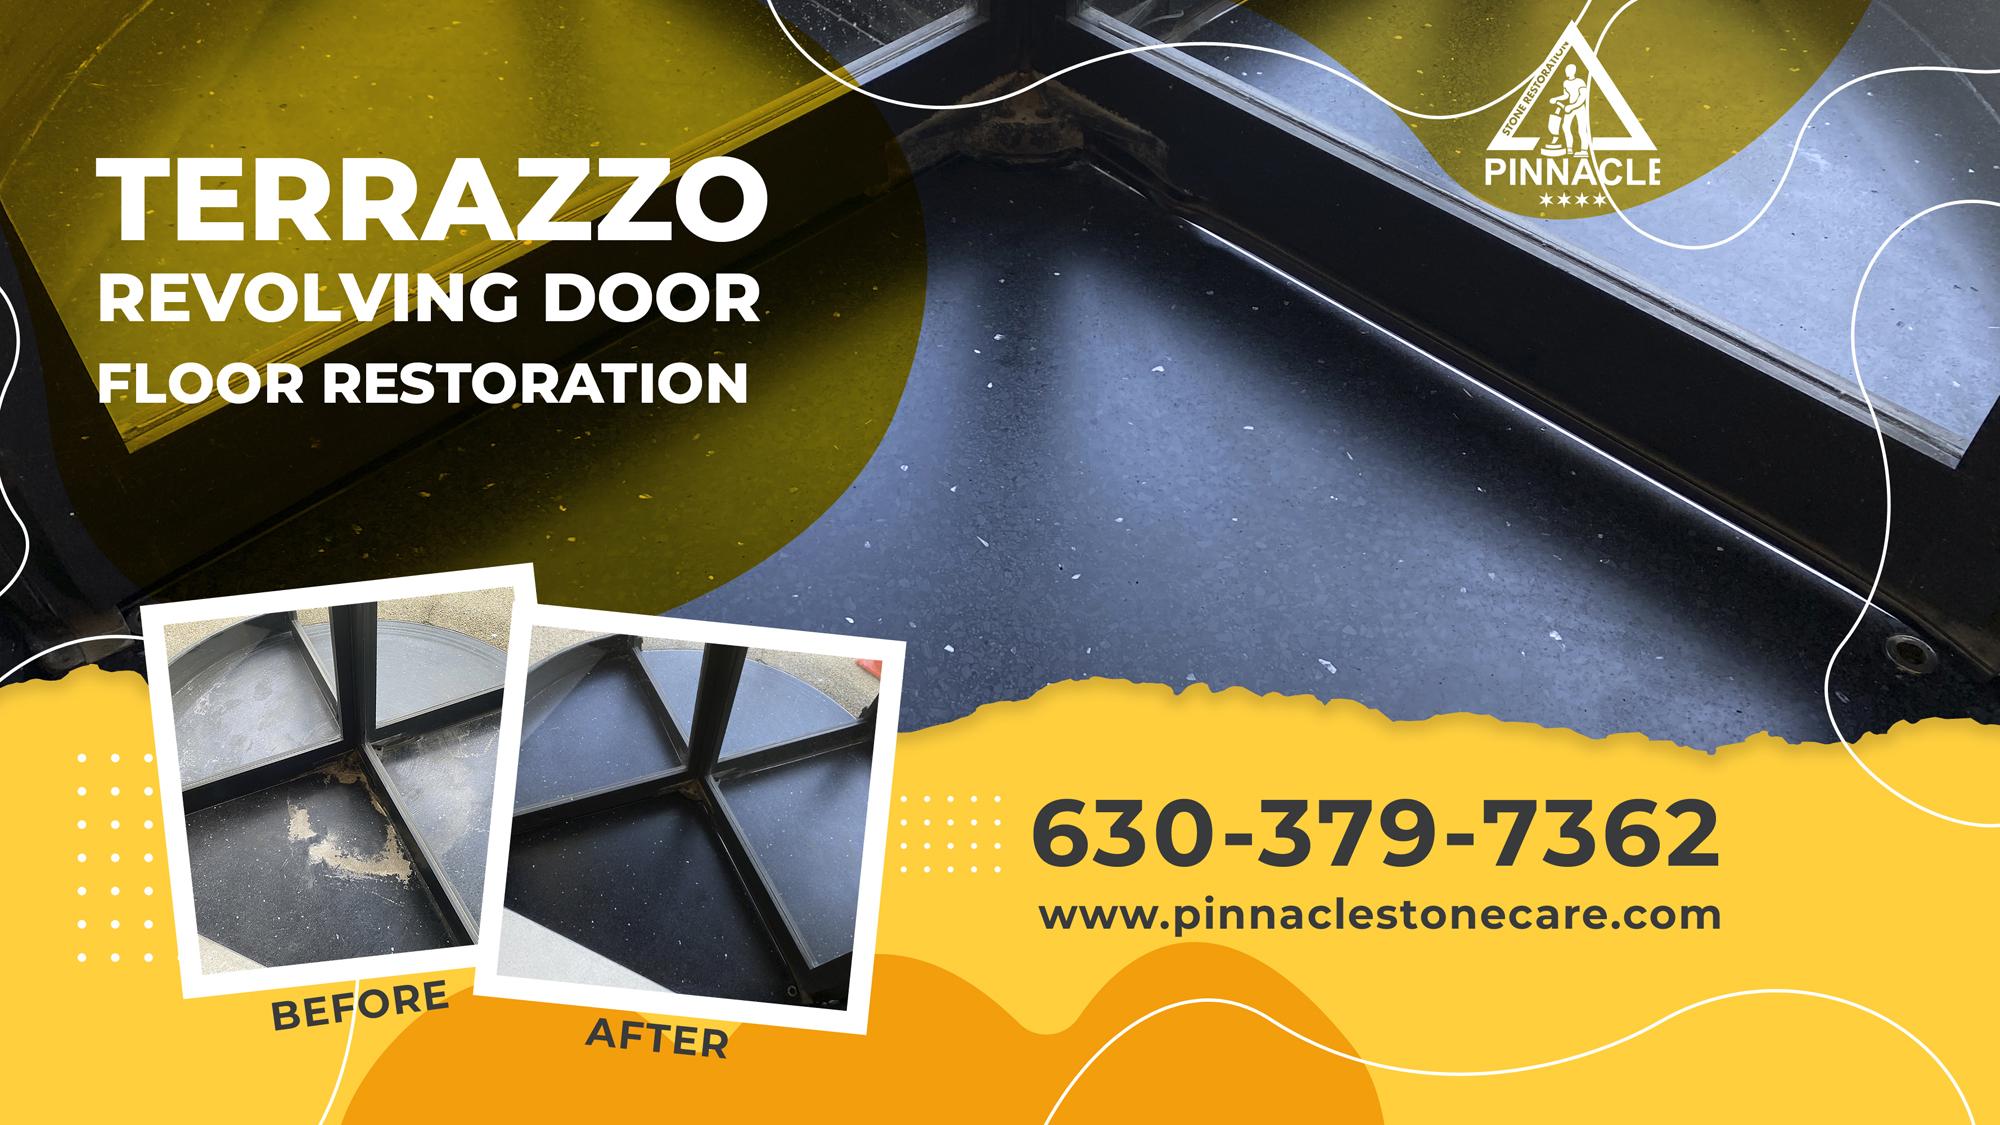 Terrazzo Floor Revolving Door Restoration (Terrazzo grinding, polishing, sealing)